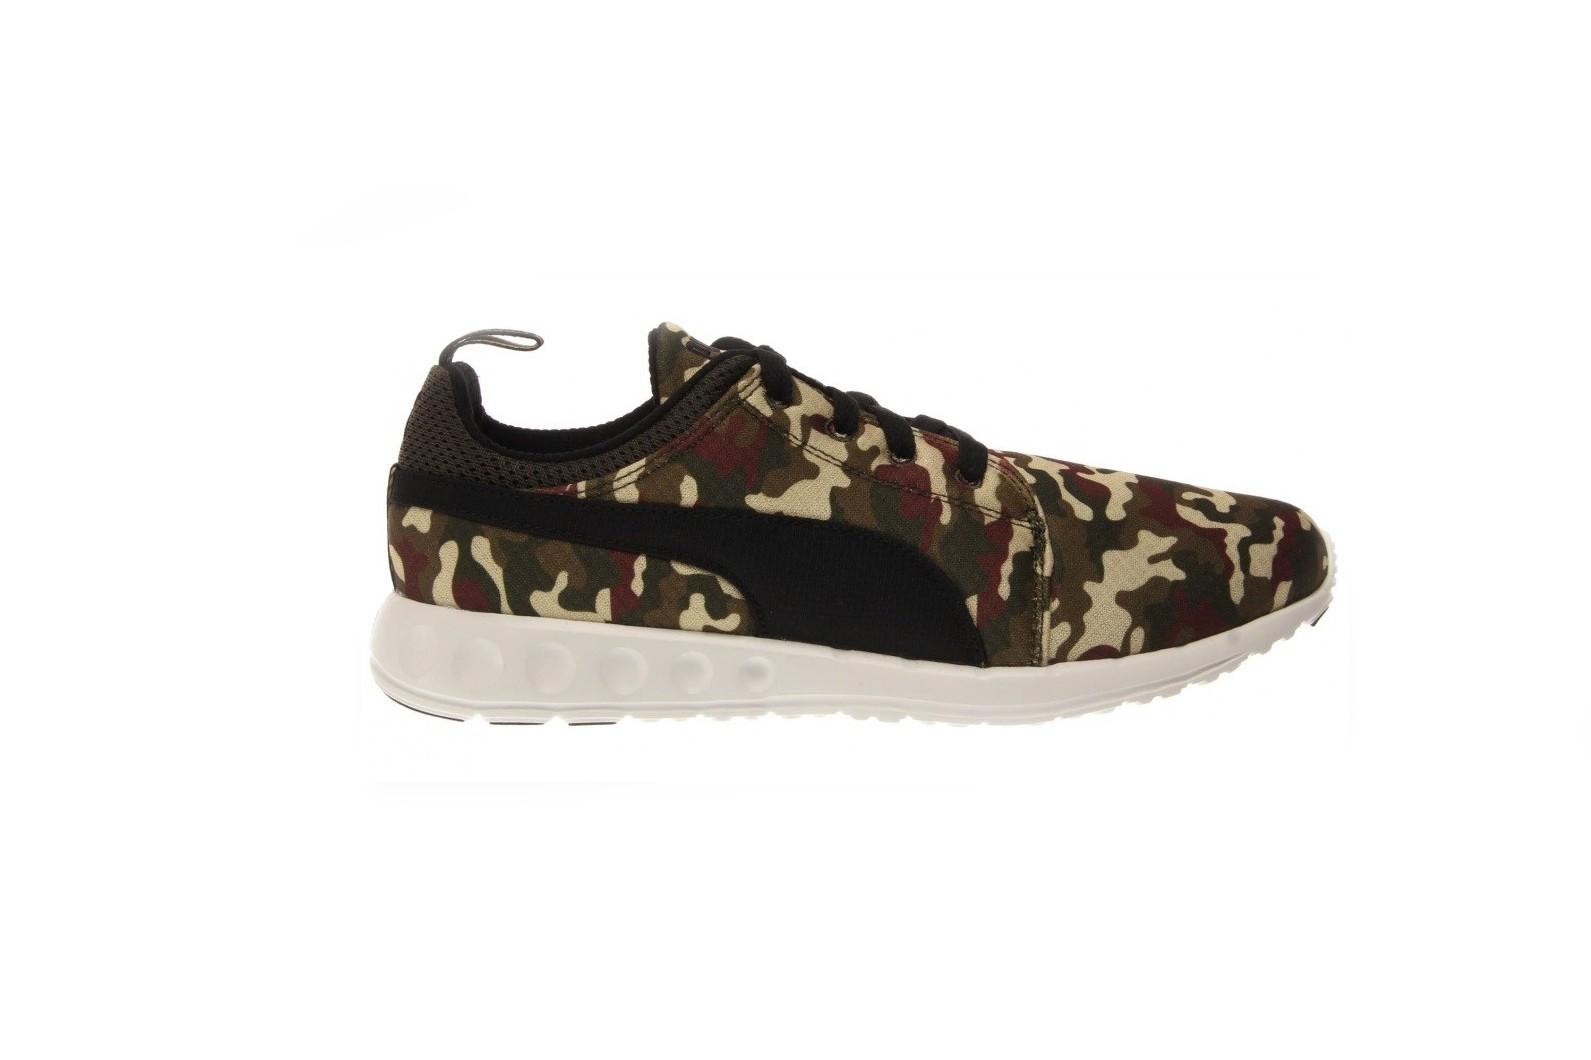 Pánské boty Puma Carson Runner Army Camo pale k  49eb7faa05